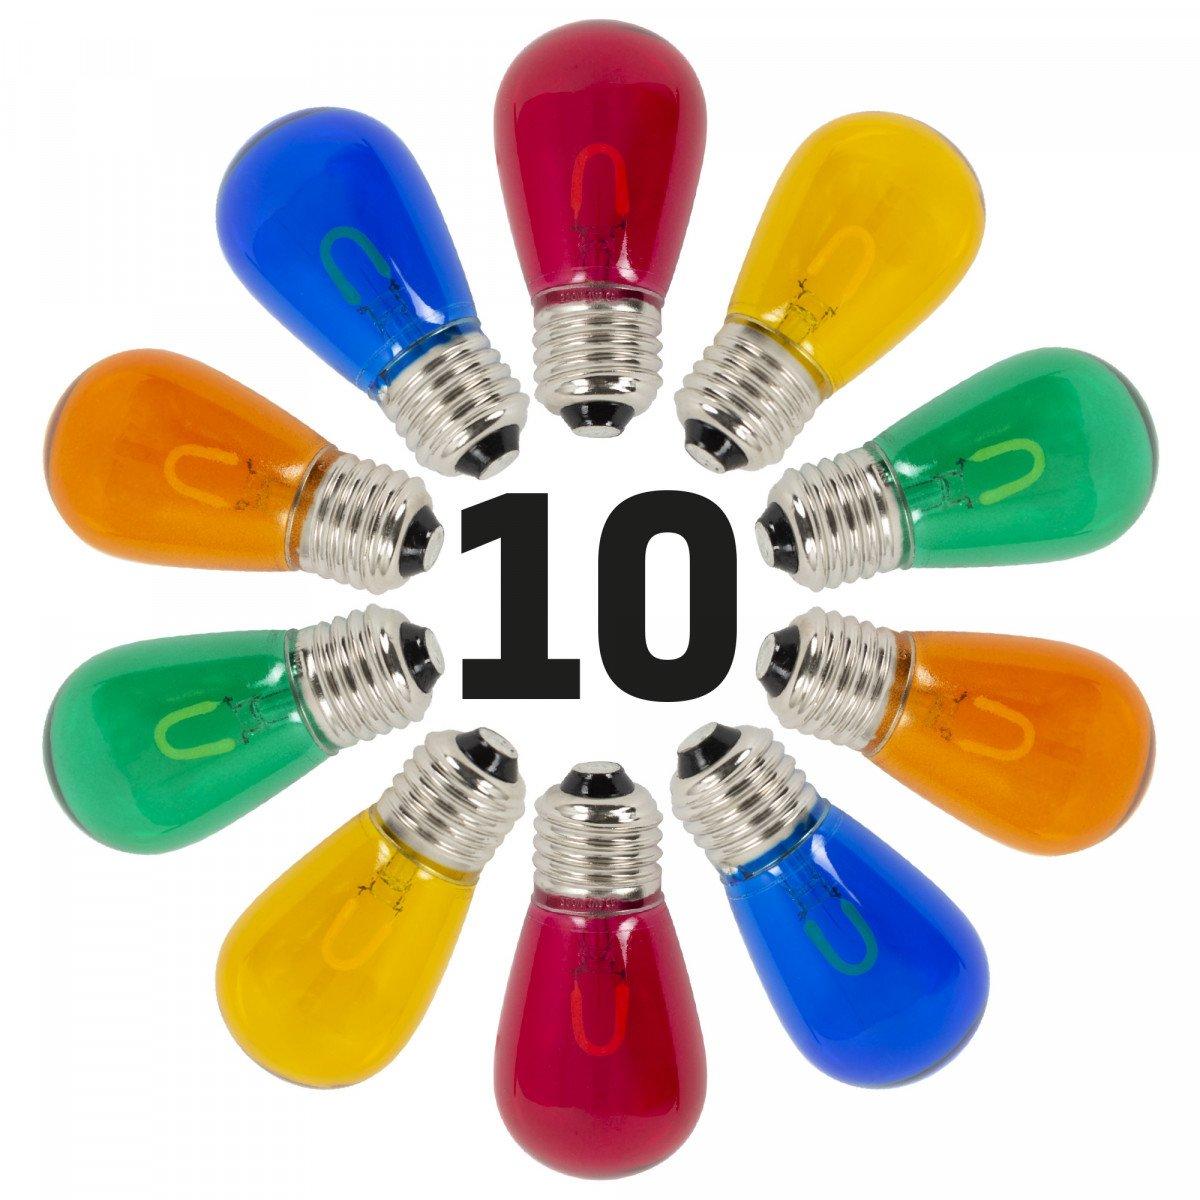 10x Set - Lichterketten LED-Lampen Bunt für Innen und Außen